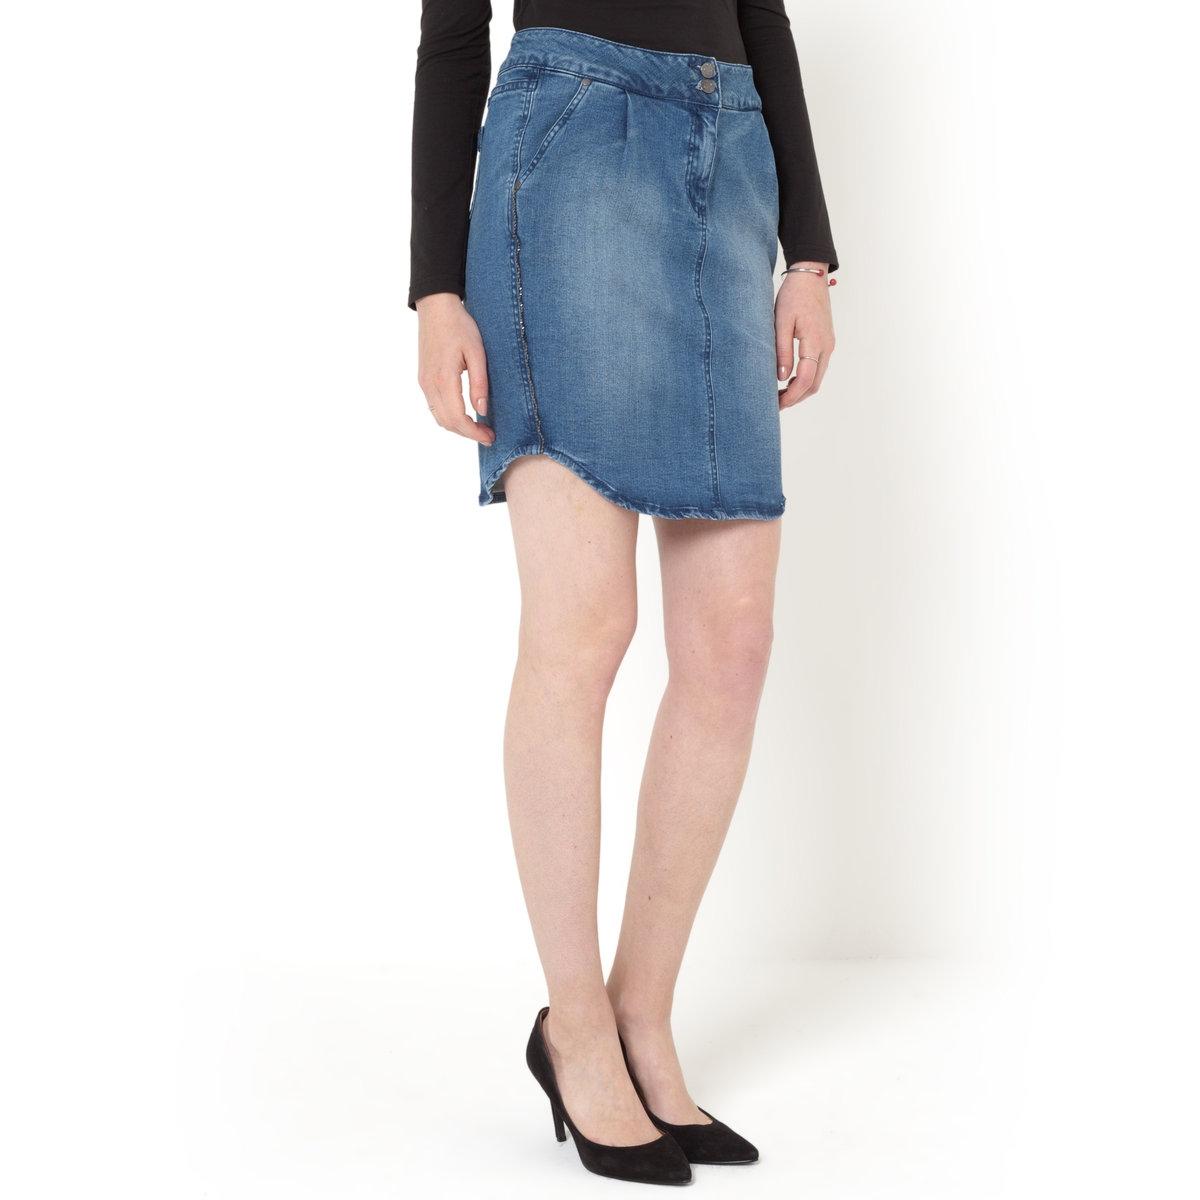 Юбка джинсовая прямаяДжинсовая юбка, 98% хлопка, 2% эластана. Прямой покрой. 2 боковых кармана. Оригинальная косая бейка. Строчка в тон. Складки спереди. Длина до колен, 50 см.<br><br>Цвет: синий потертый<br>Размер: 48 (FR) - 54 (RUS)